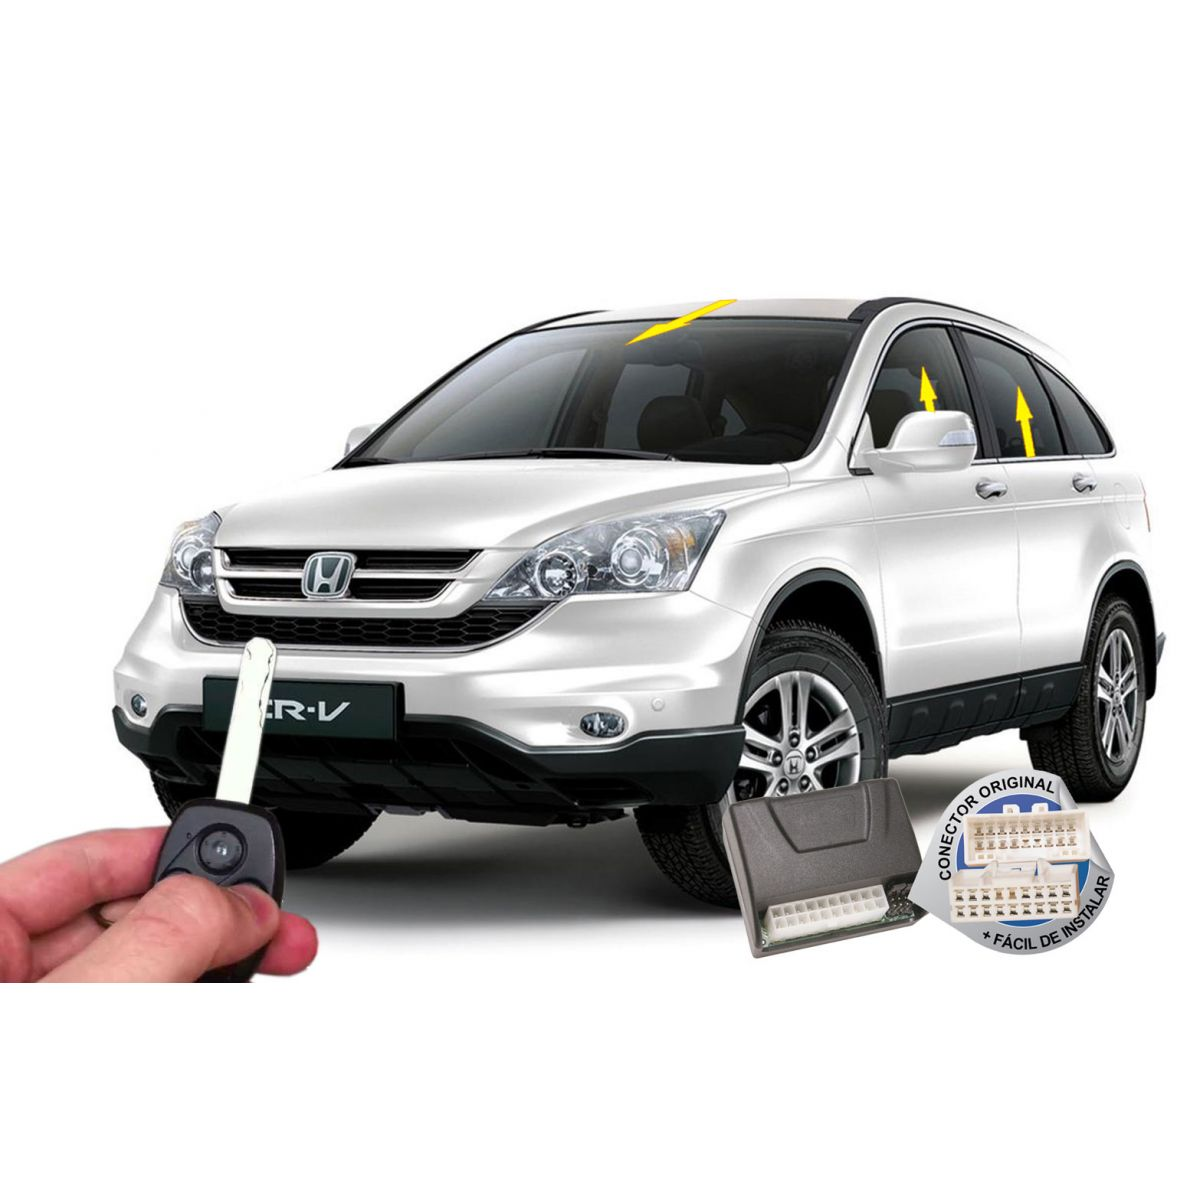 Módulo Conforto CRV 2006-2011 Honda (vidros teto) ORIGINAL